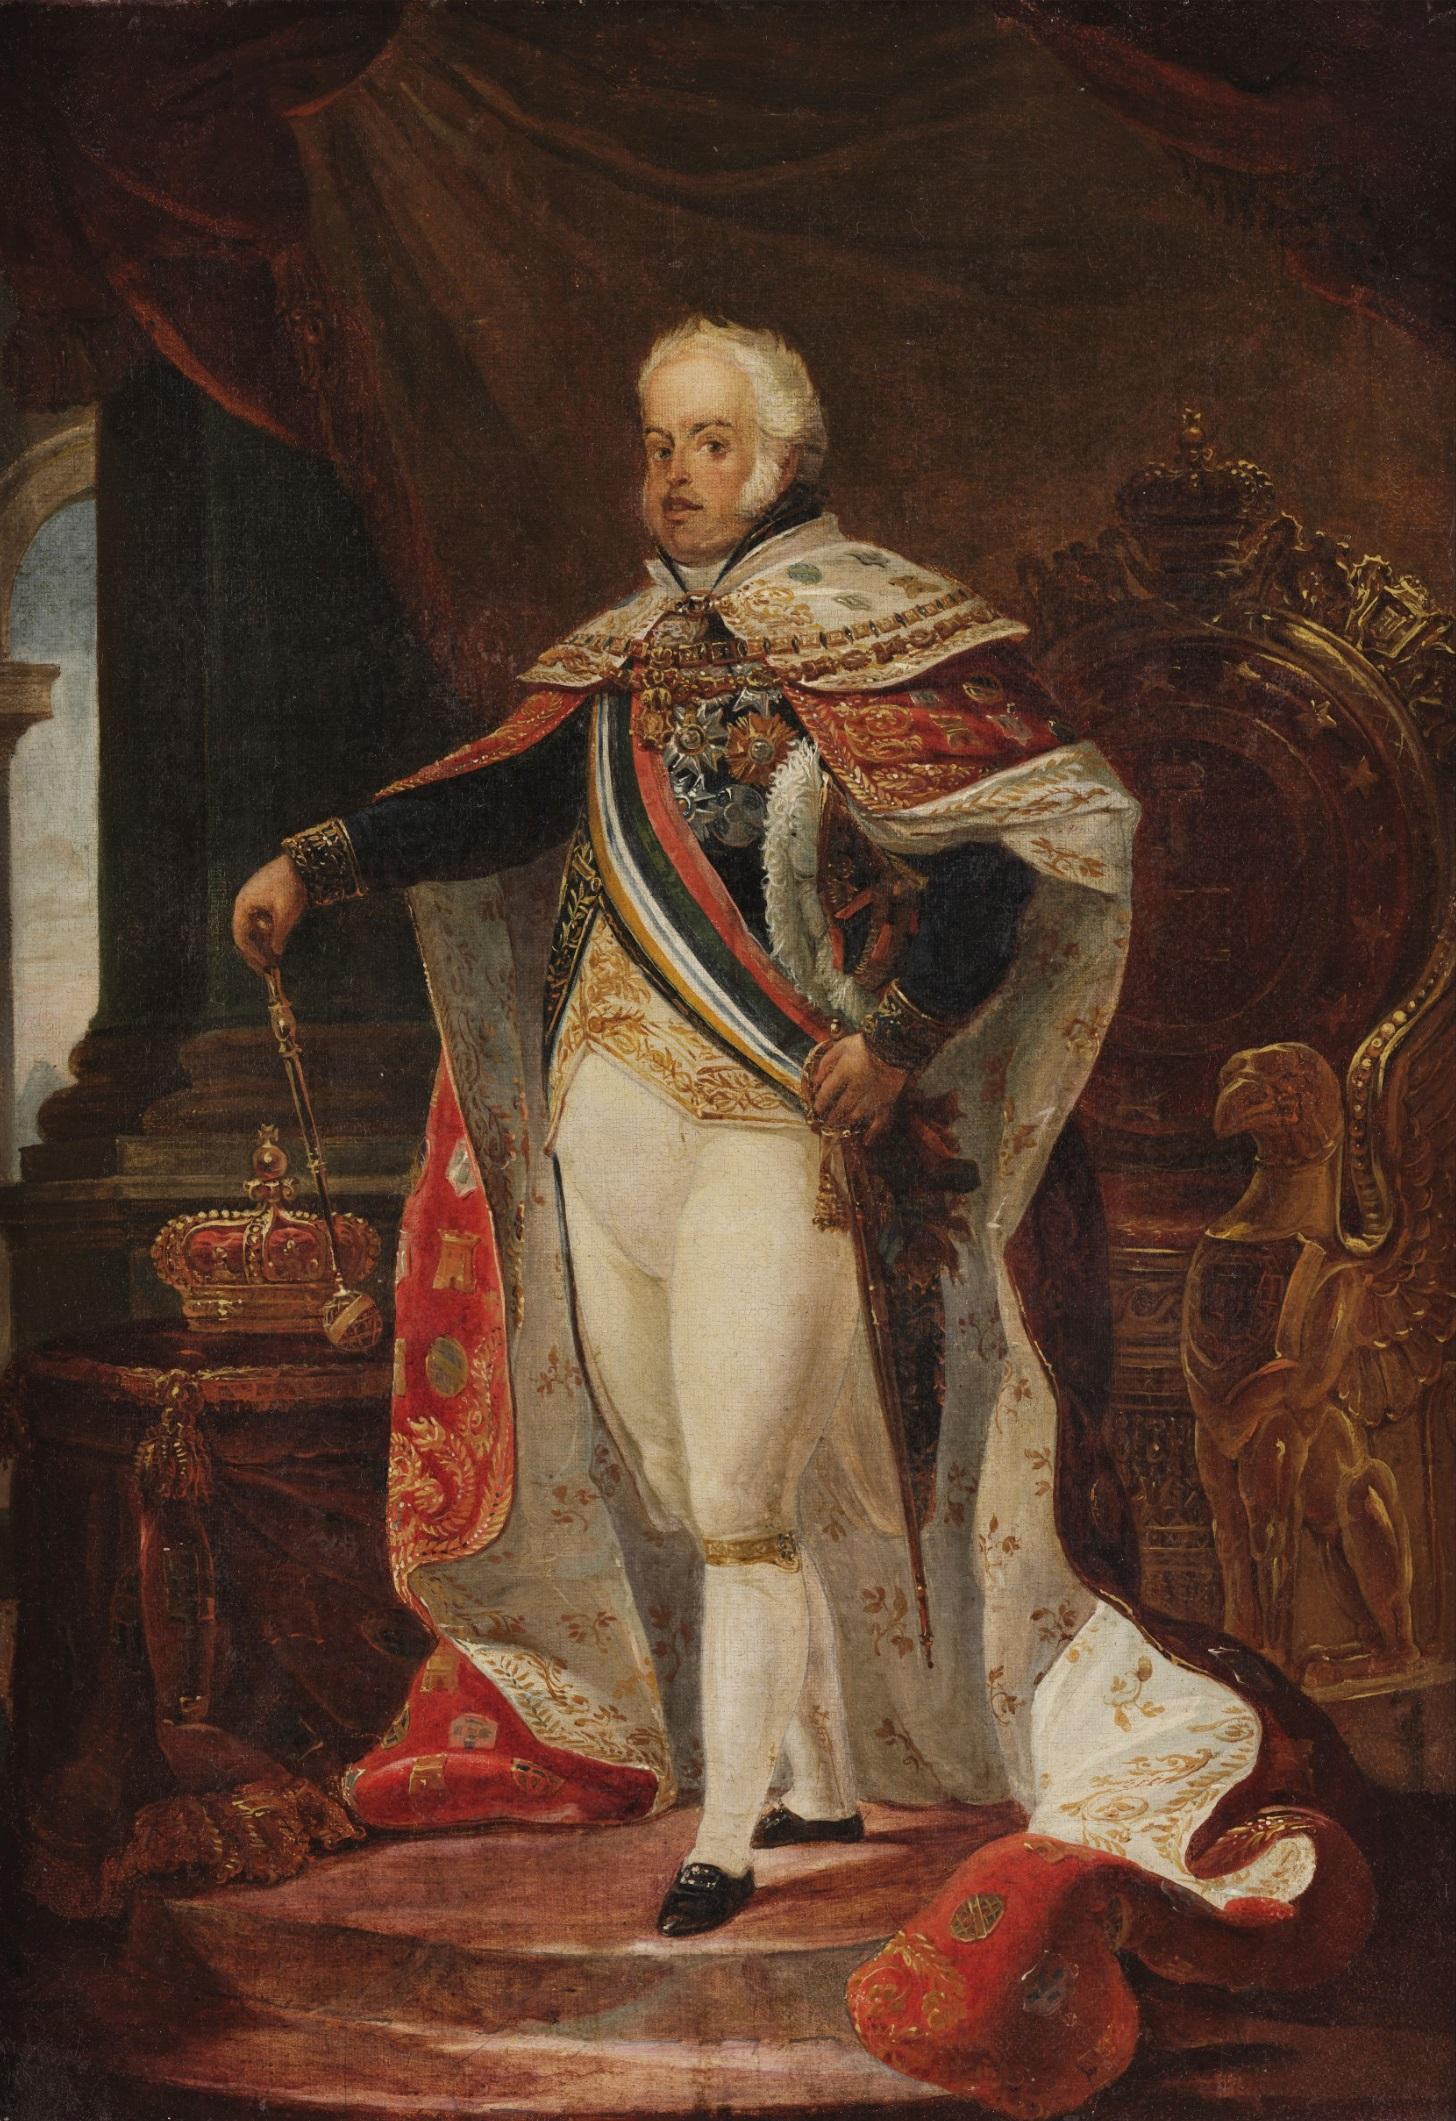 Retrato de Dom João VI, por Jean-Baptiste Debret.